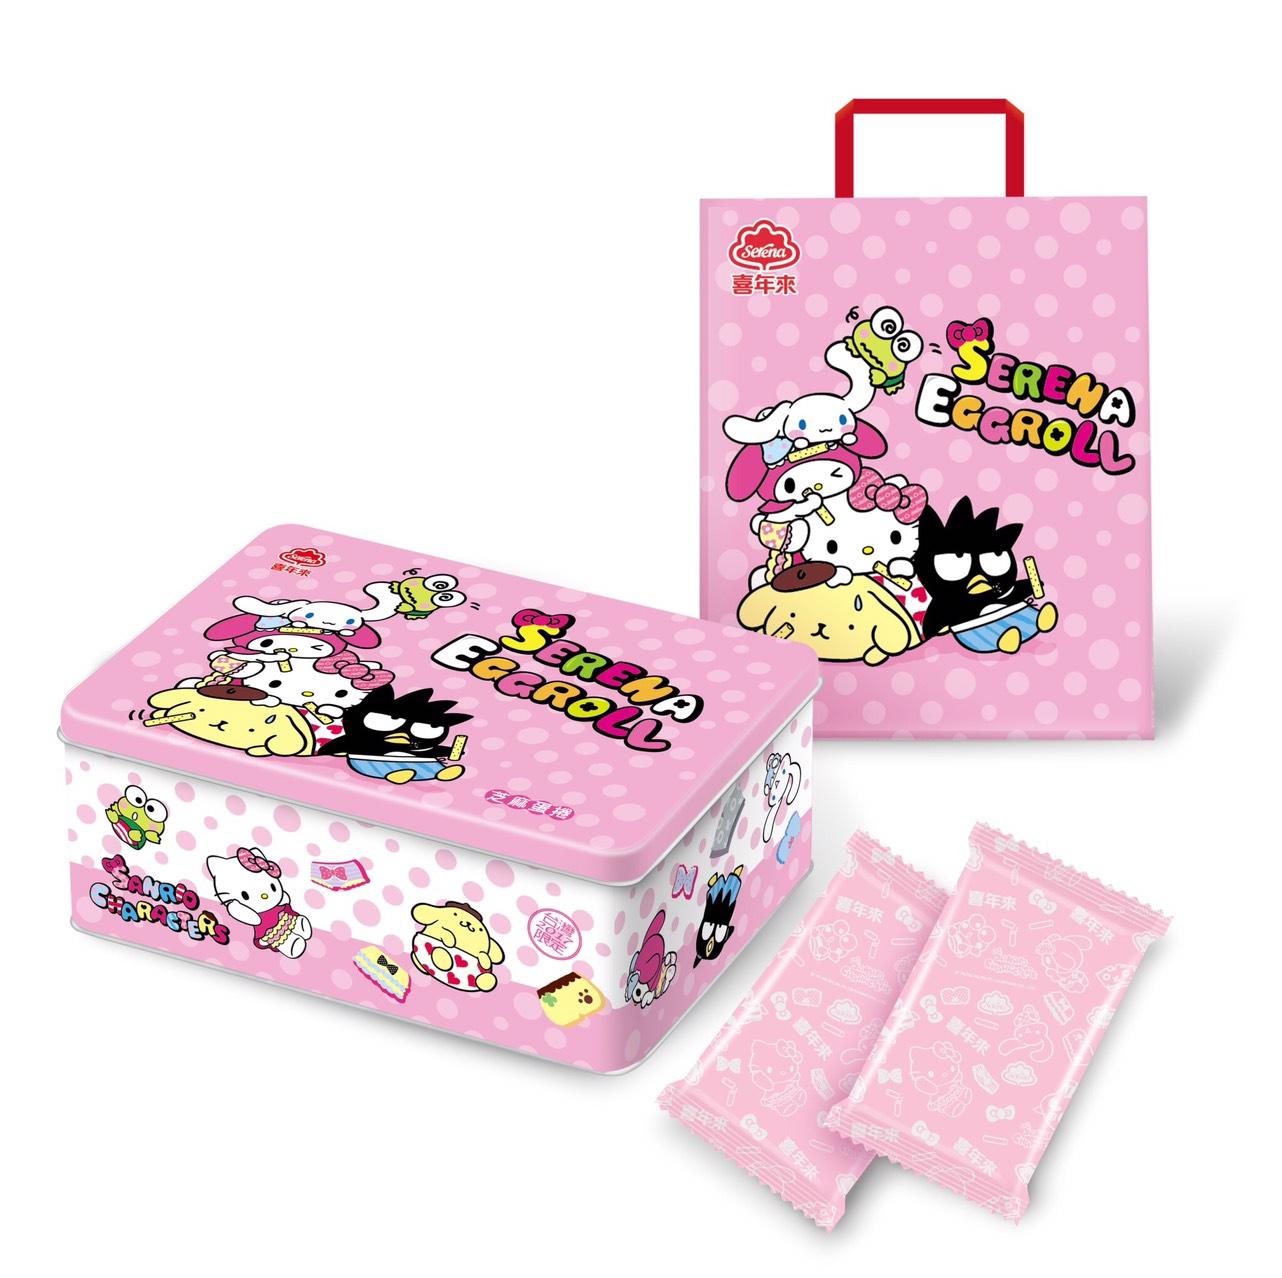 喜年來kitty 芝麻蛋捲禮盒